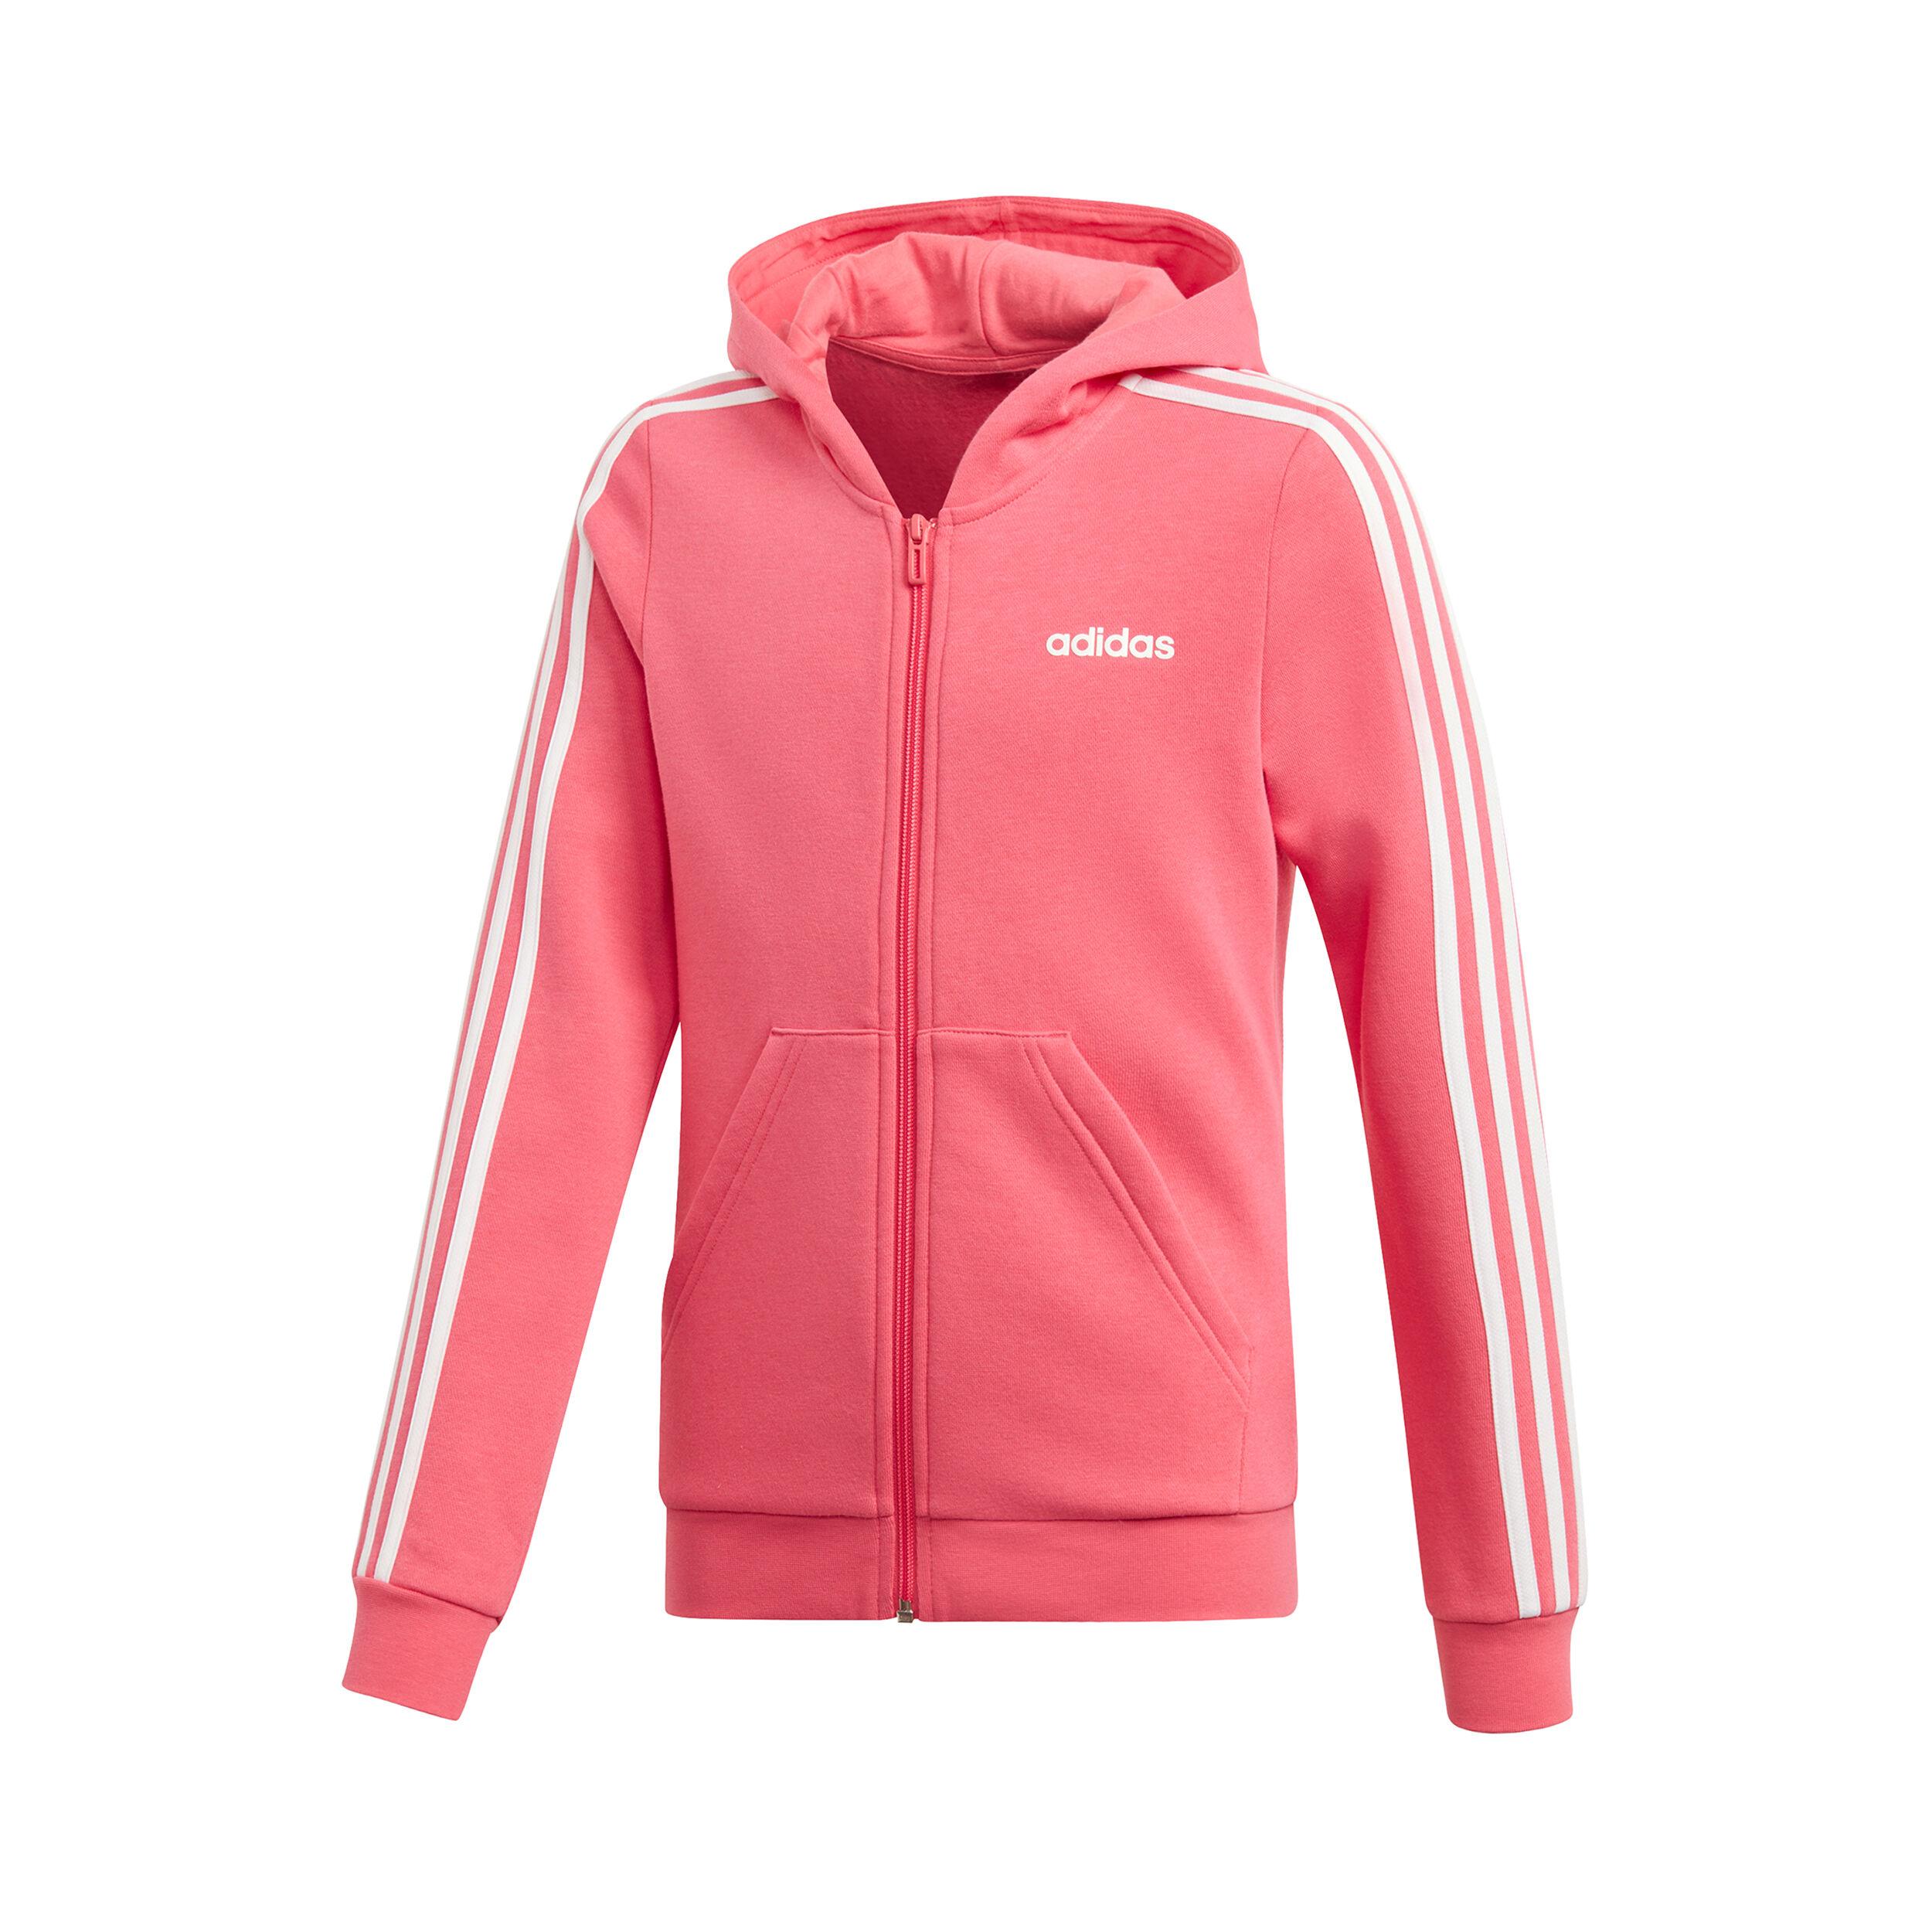 adidas Essentials 3 Stripes Full Zip Sweatjacke Mädchen Pink, Weiß